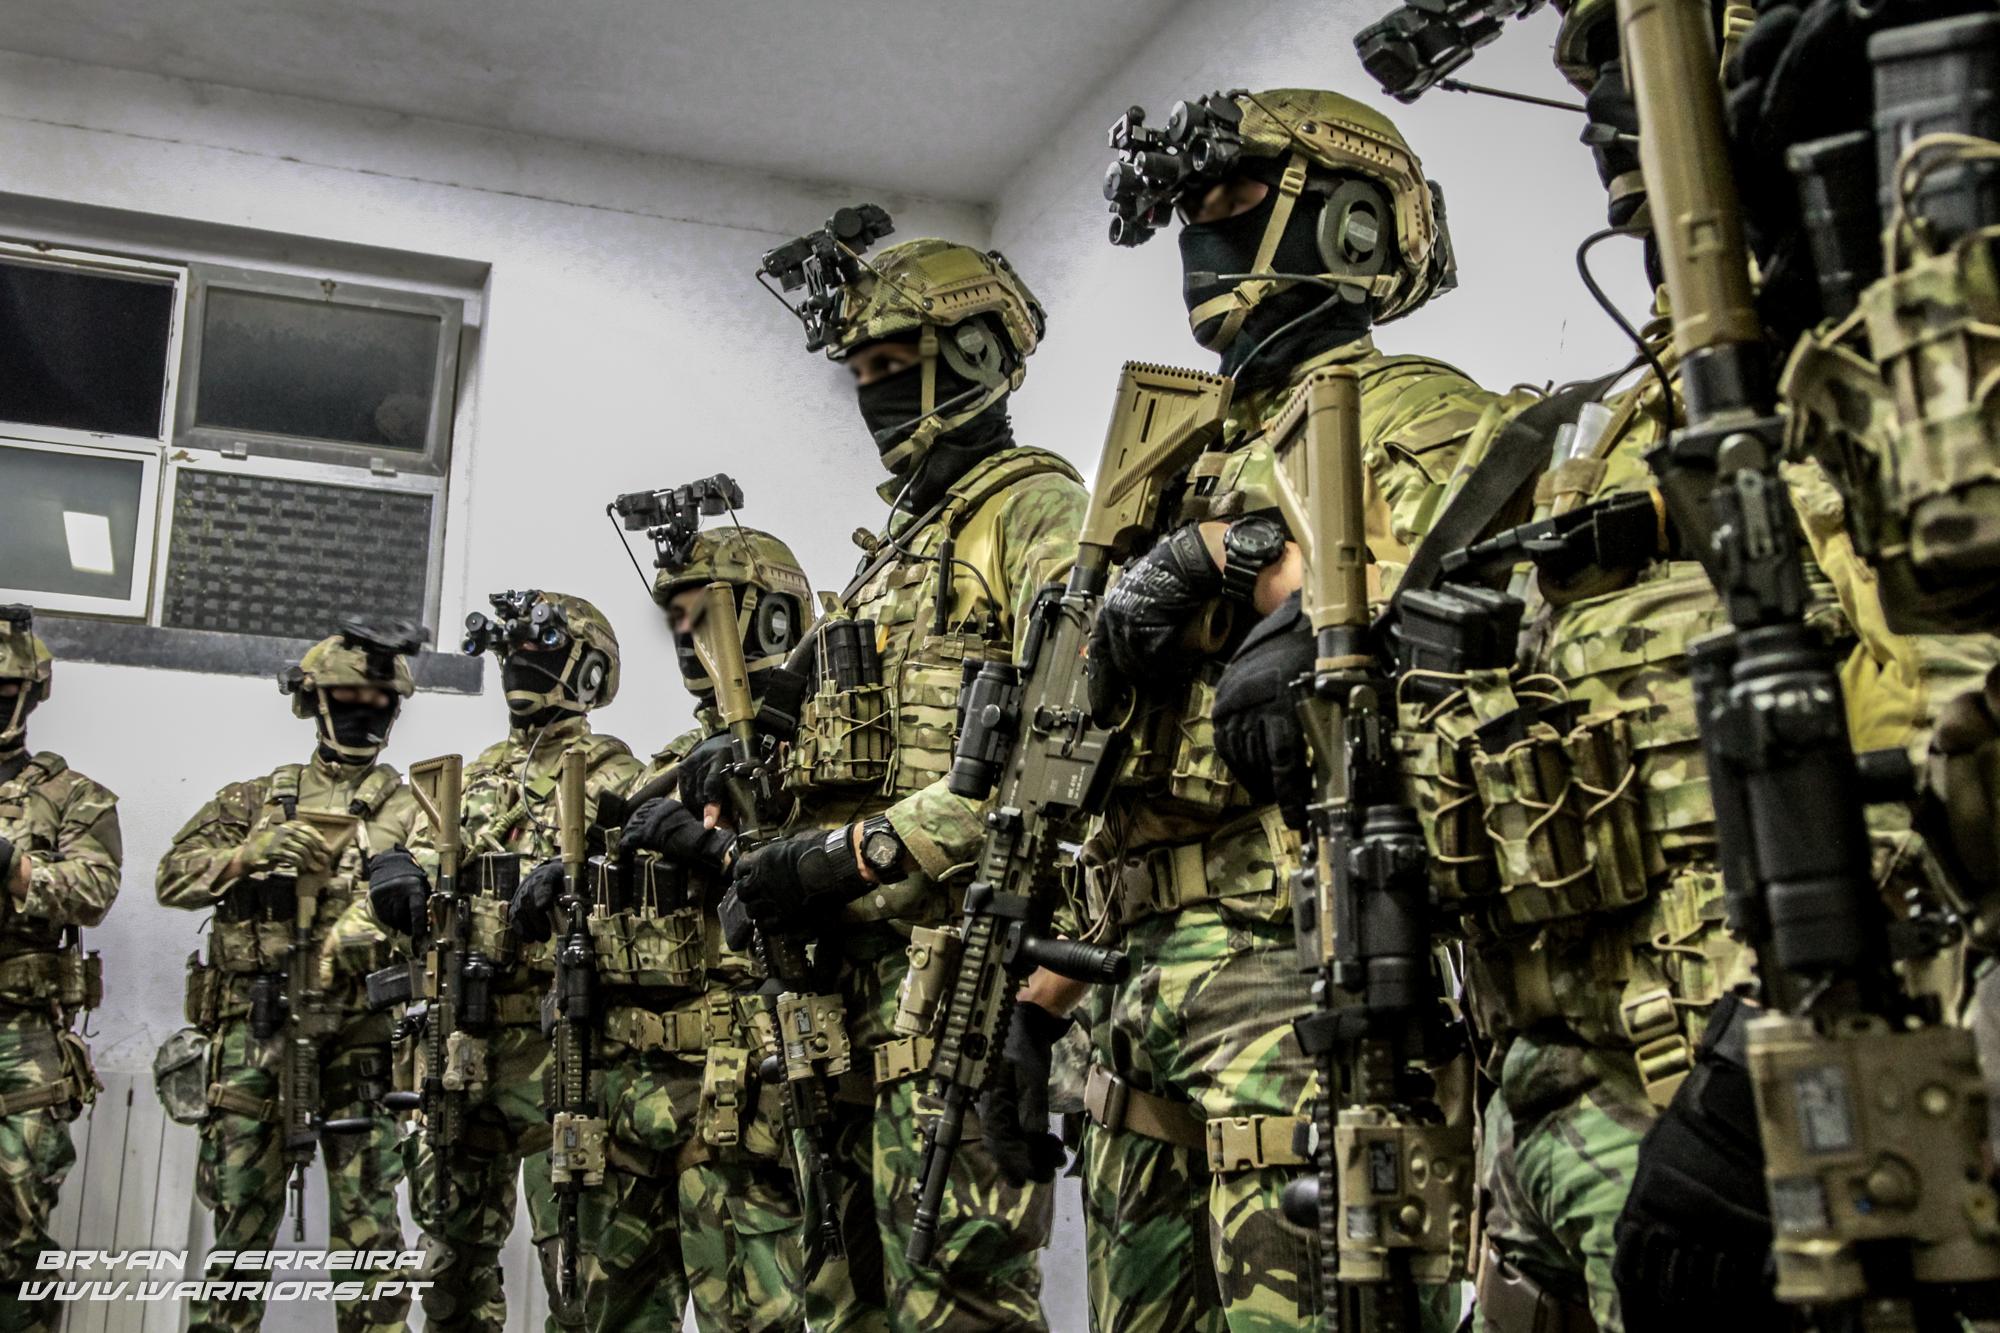 Elementos da Força de Operações Especiais (Army SOF) Portuguesa equipam-se para uma operação nocturna. Estam armados com espingardas de assalto HK416 e equipados com modernos equipamentos de combate nocturno